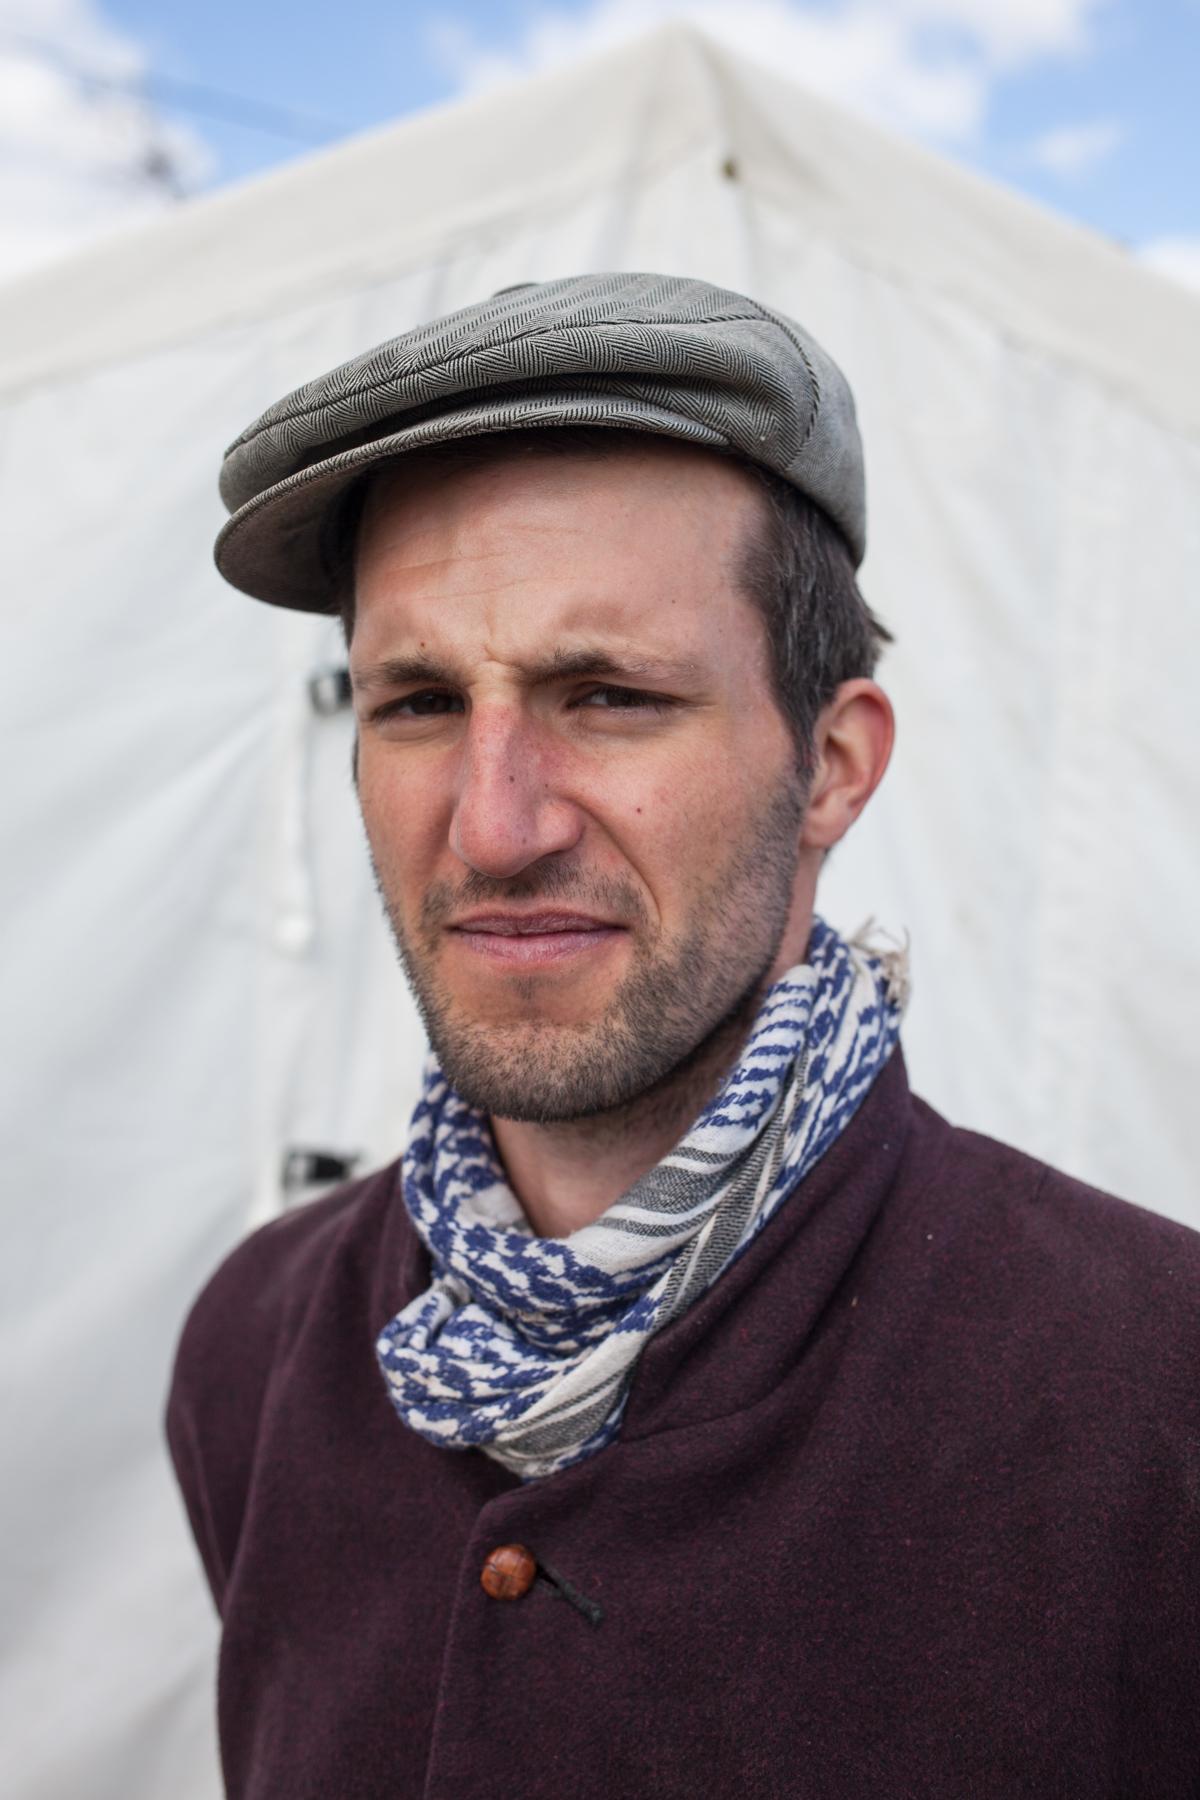 Hannibal Bilom (32) möchte den Menschen hier ein freundliches Willkommen in Europa bieten. Gerade hat er mit seinem Team einen Graben gegraben, damit das Wasser nicht im Camp steht. Fünf Wochen hilft er nun im Camp Moria.